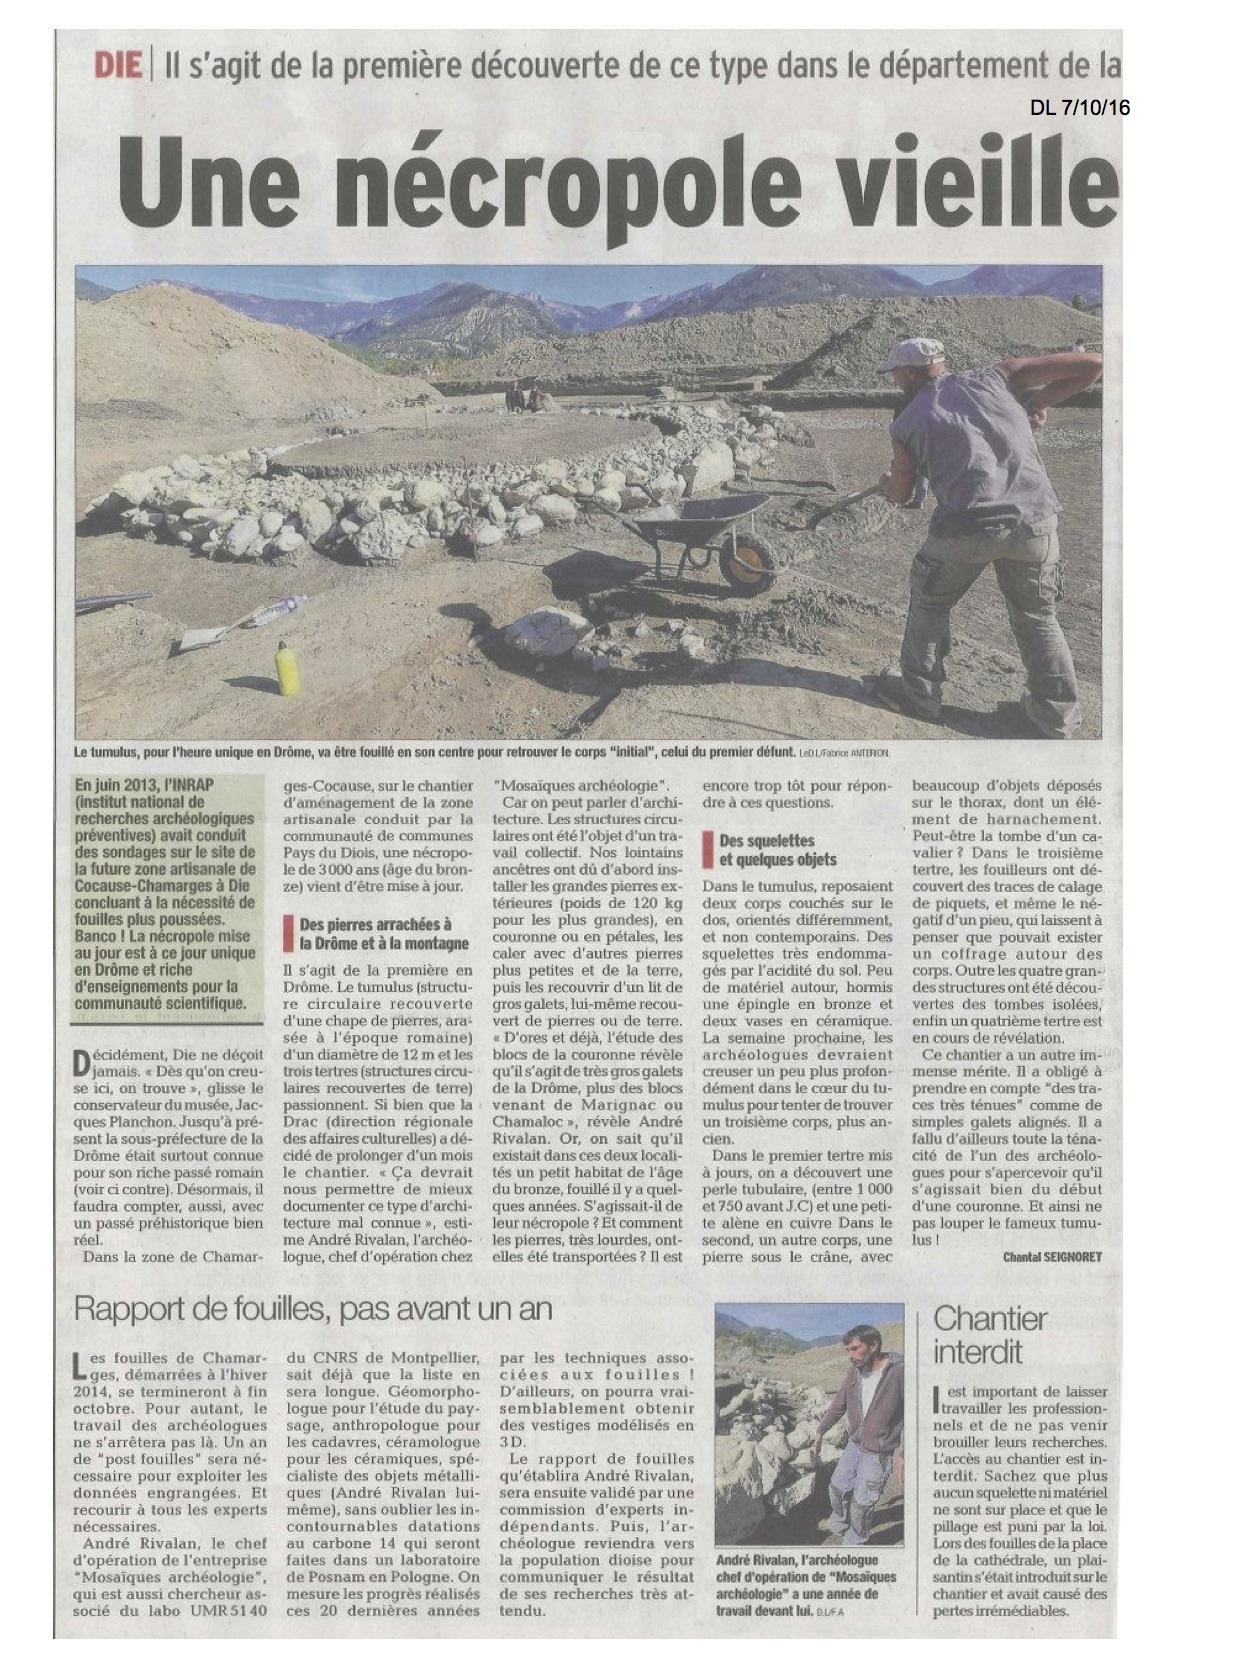 --- Extrait du Dauphiné Libéré du 7 octobre 2016 - image/photo pouvant être protégée par Copyright ou autre ---